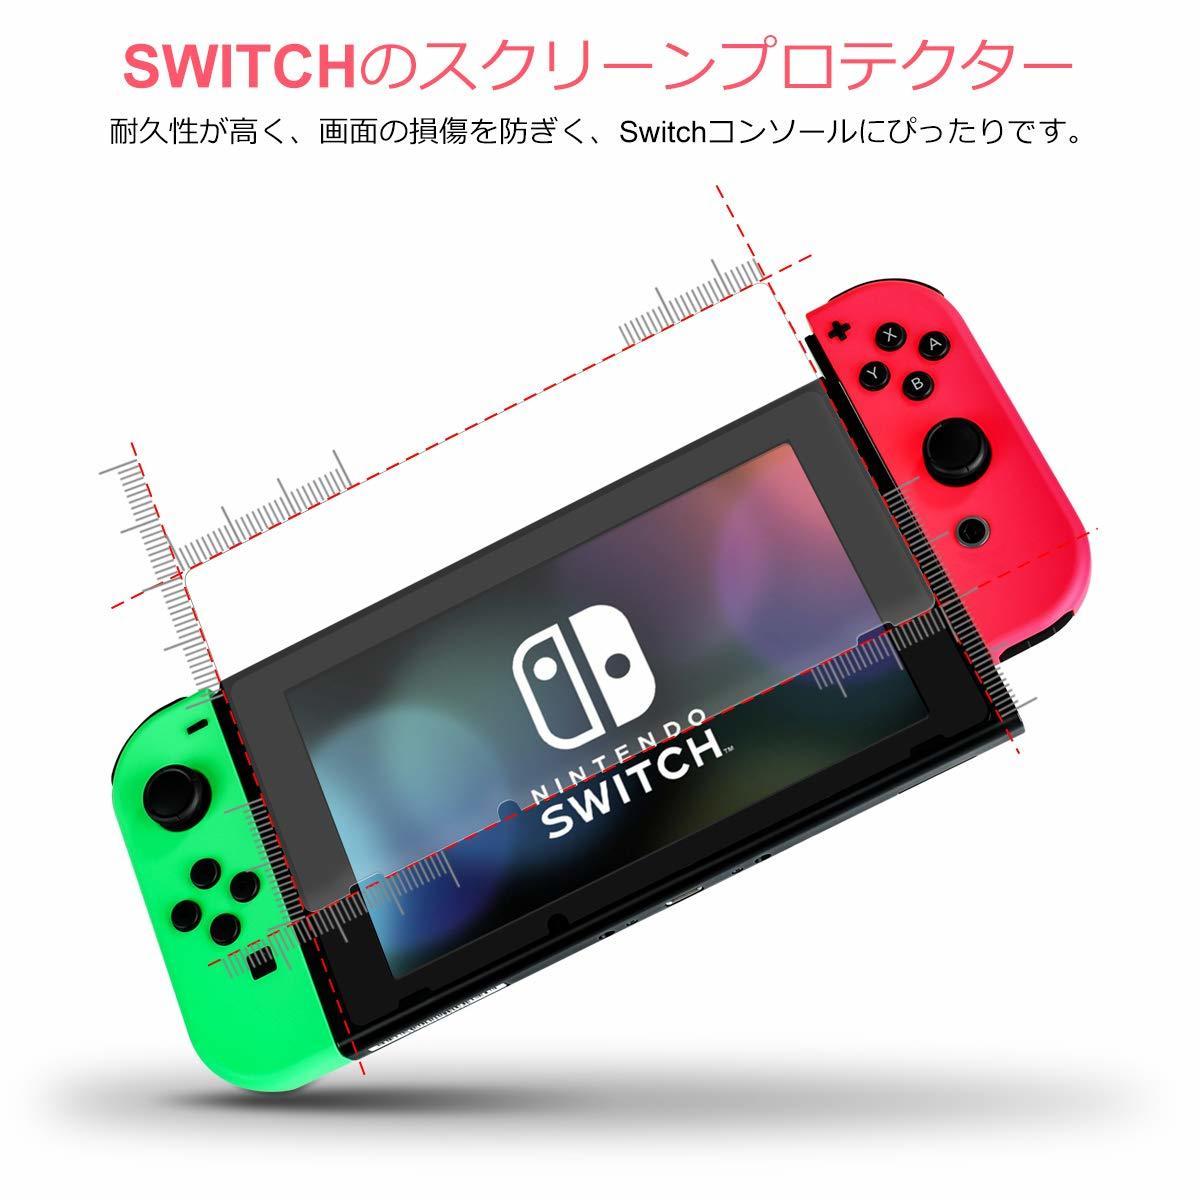 Nintendo Switch ケース 任天堂スイッチケース 保護カバー グリップ スタンド機能付き スイッチケース キャリング 大容量 収納バッグ 防水_画像2